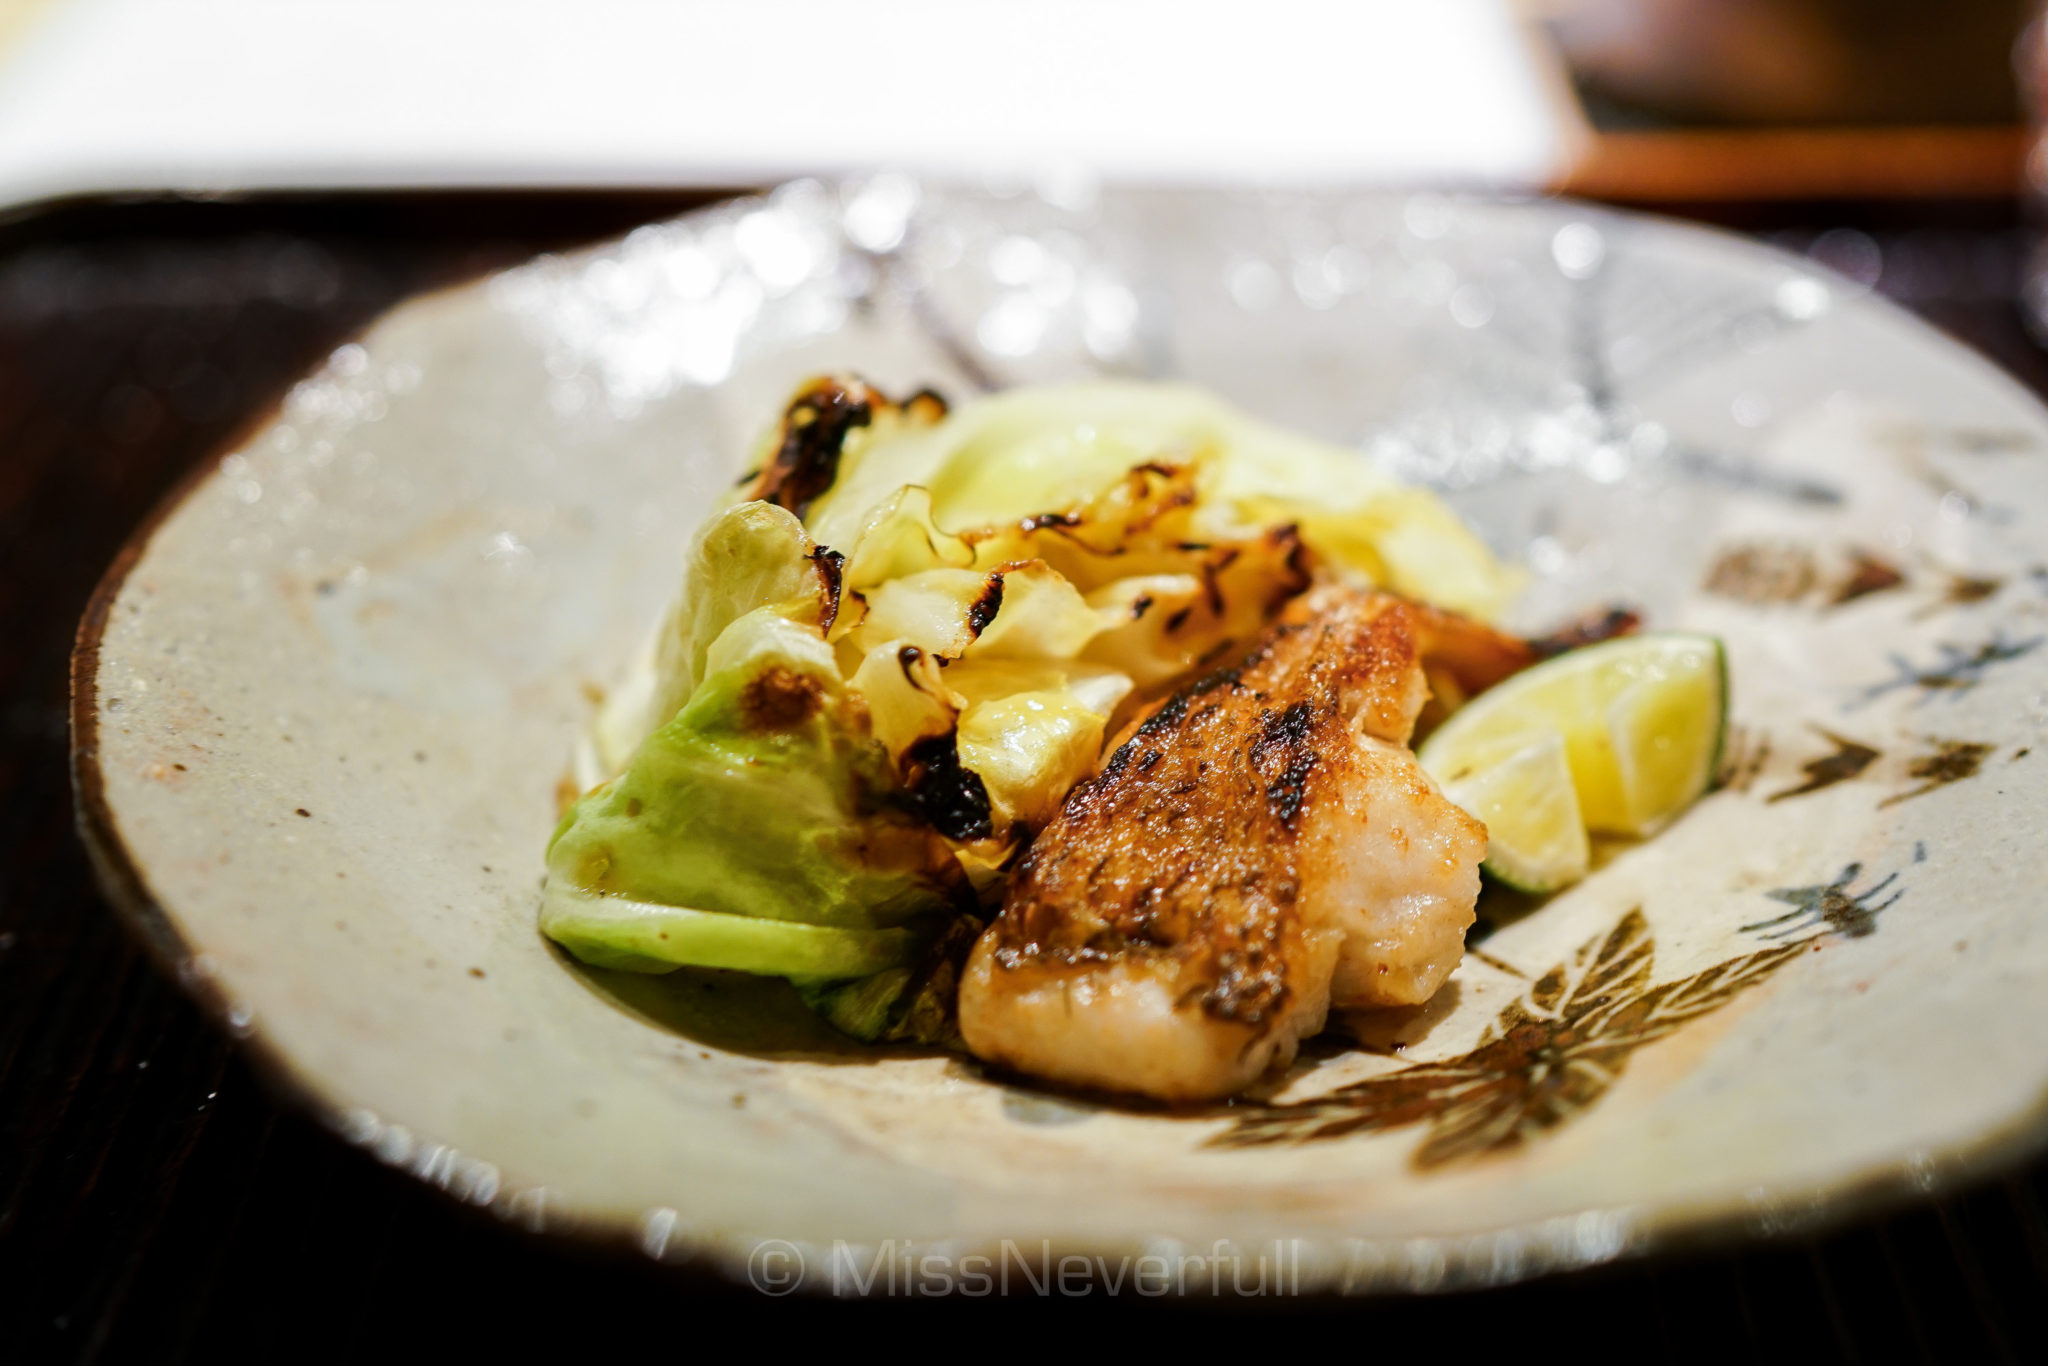 5. 焼物: のどぐろ 春きゃべつ   Grilled Nodoguro, Spring cabbage